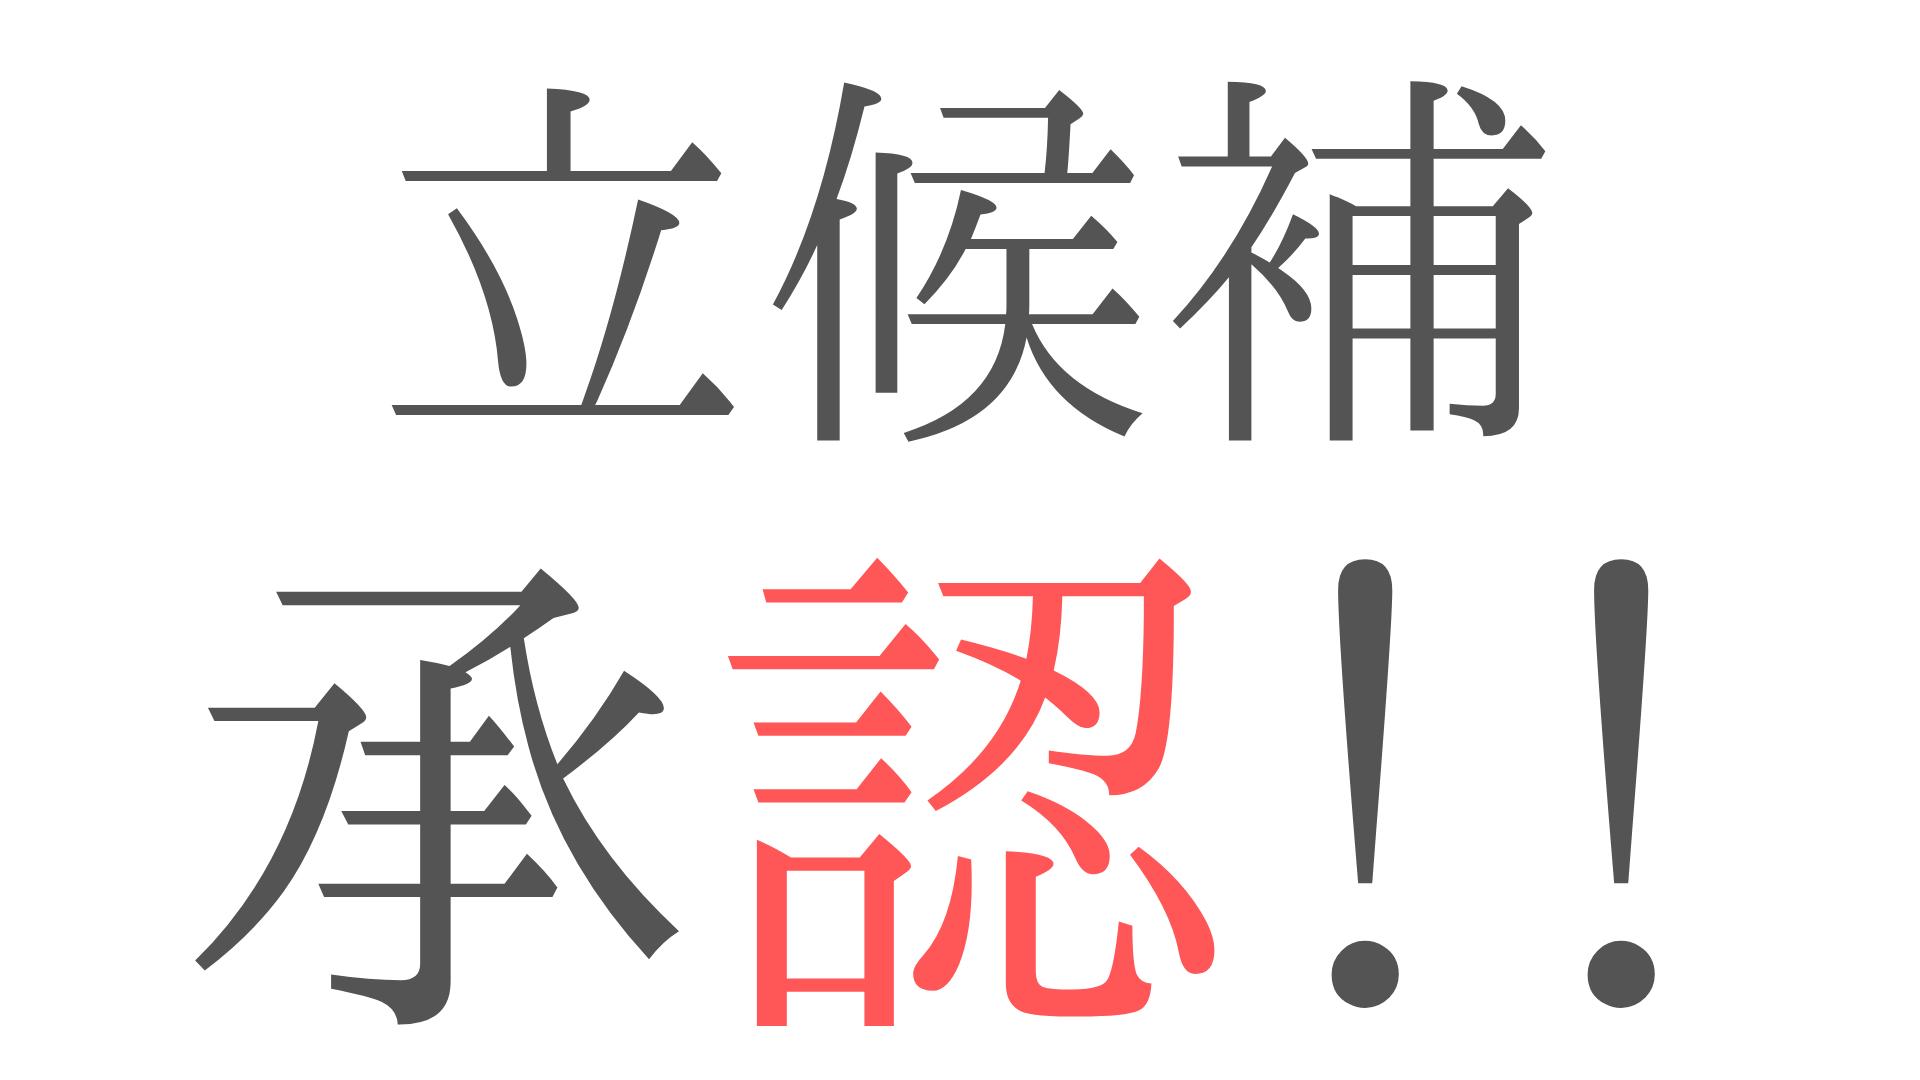 大塚が 神奈川理学療法士会の 理事選挙に 立候補してみました-4